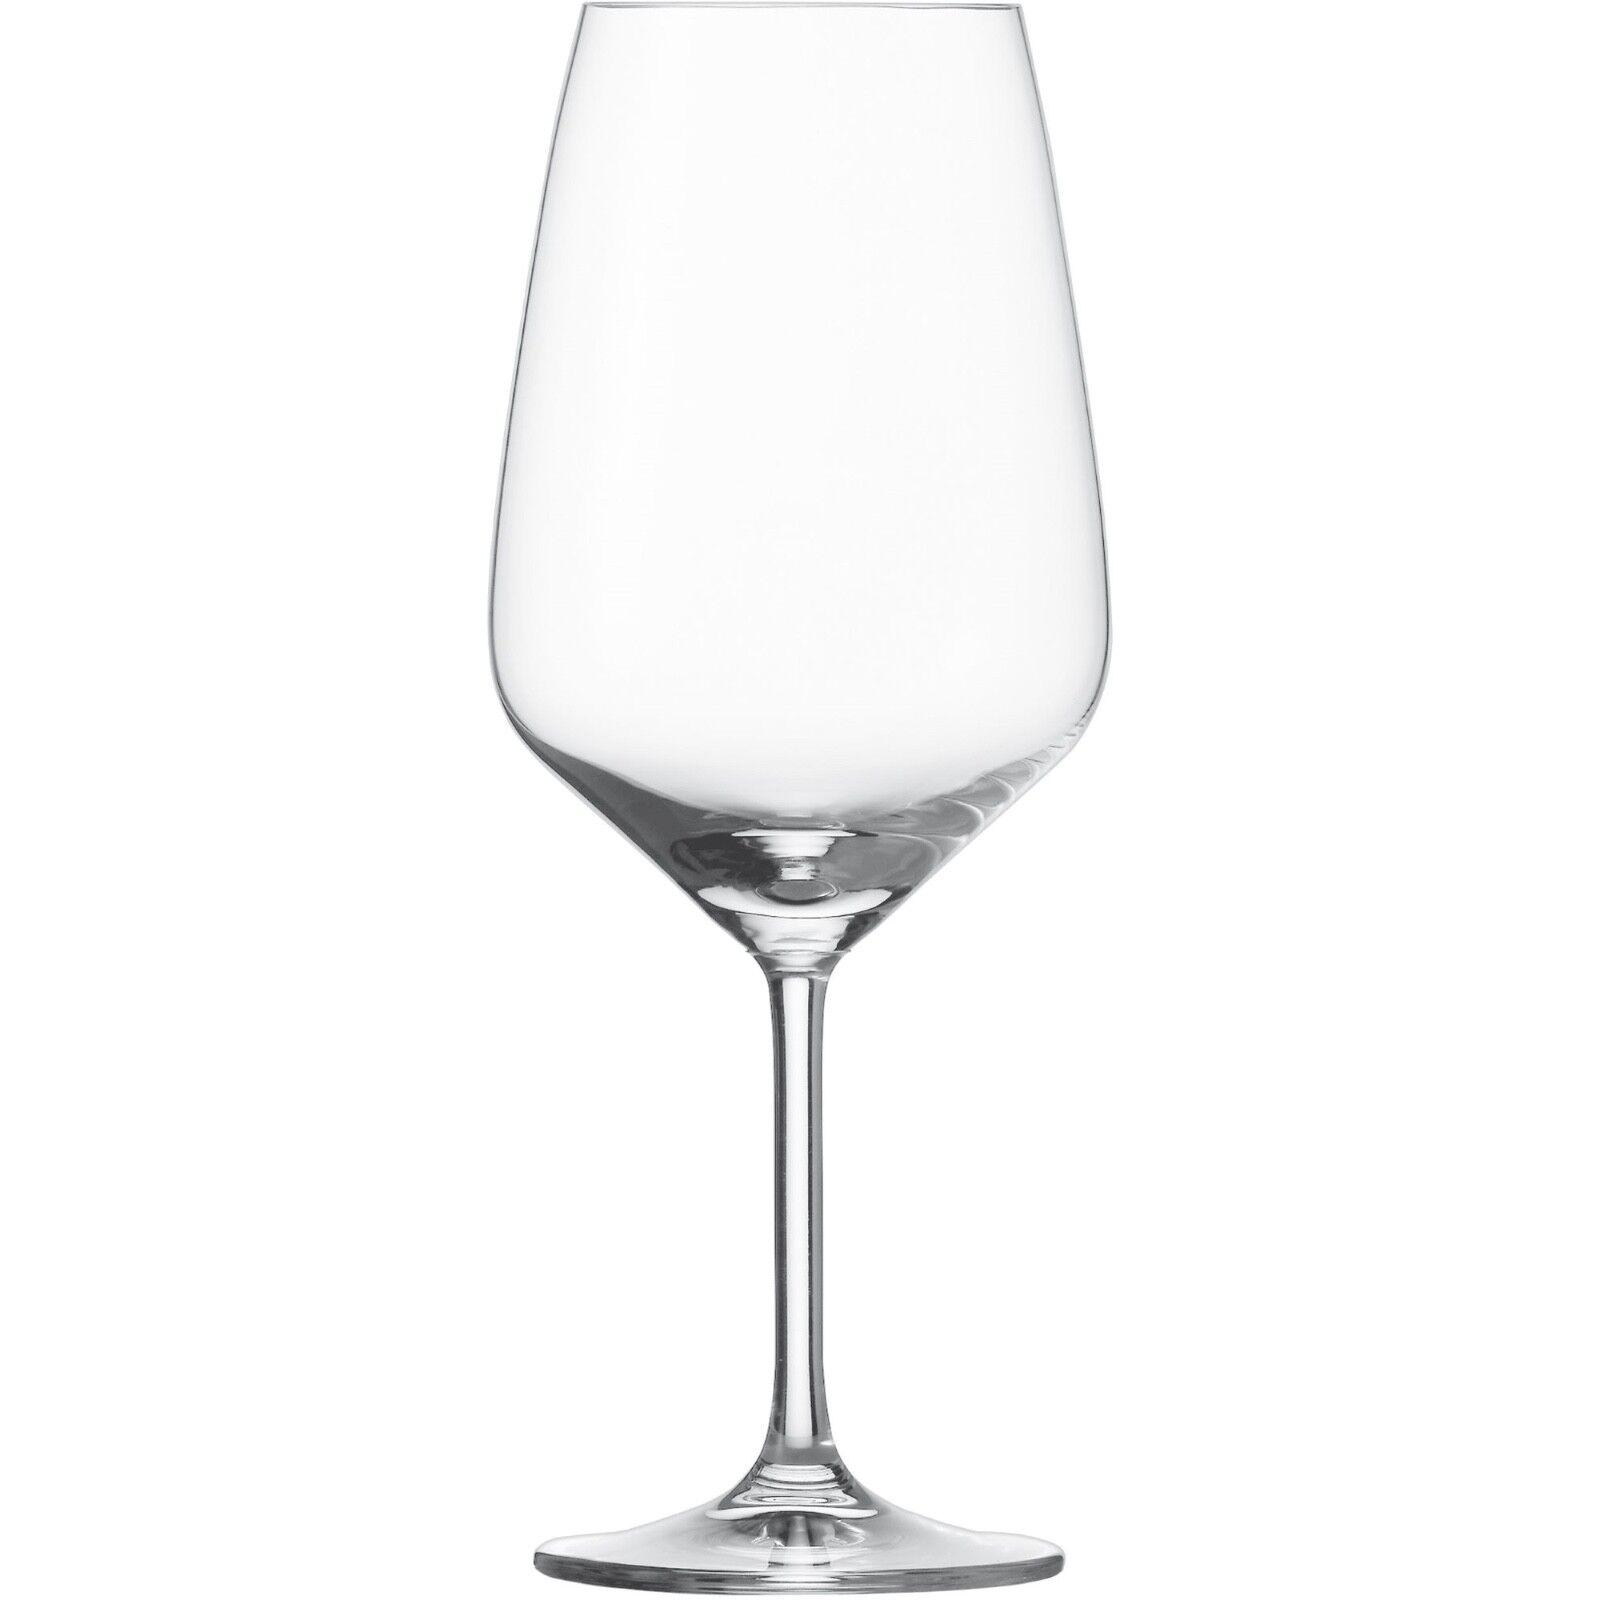 Schott Zwiesel - Taste Bordeaux - 12 coupes dégustation - Tritan - Revendeur